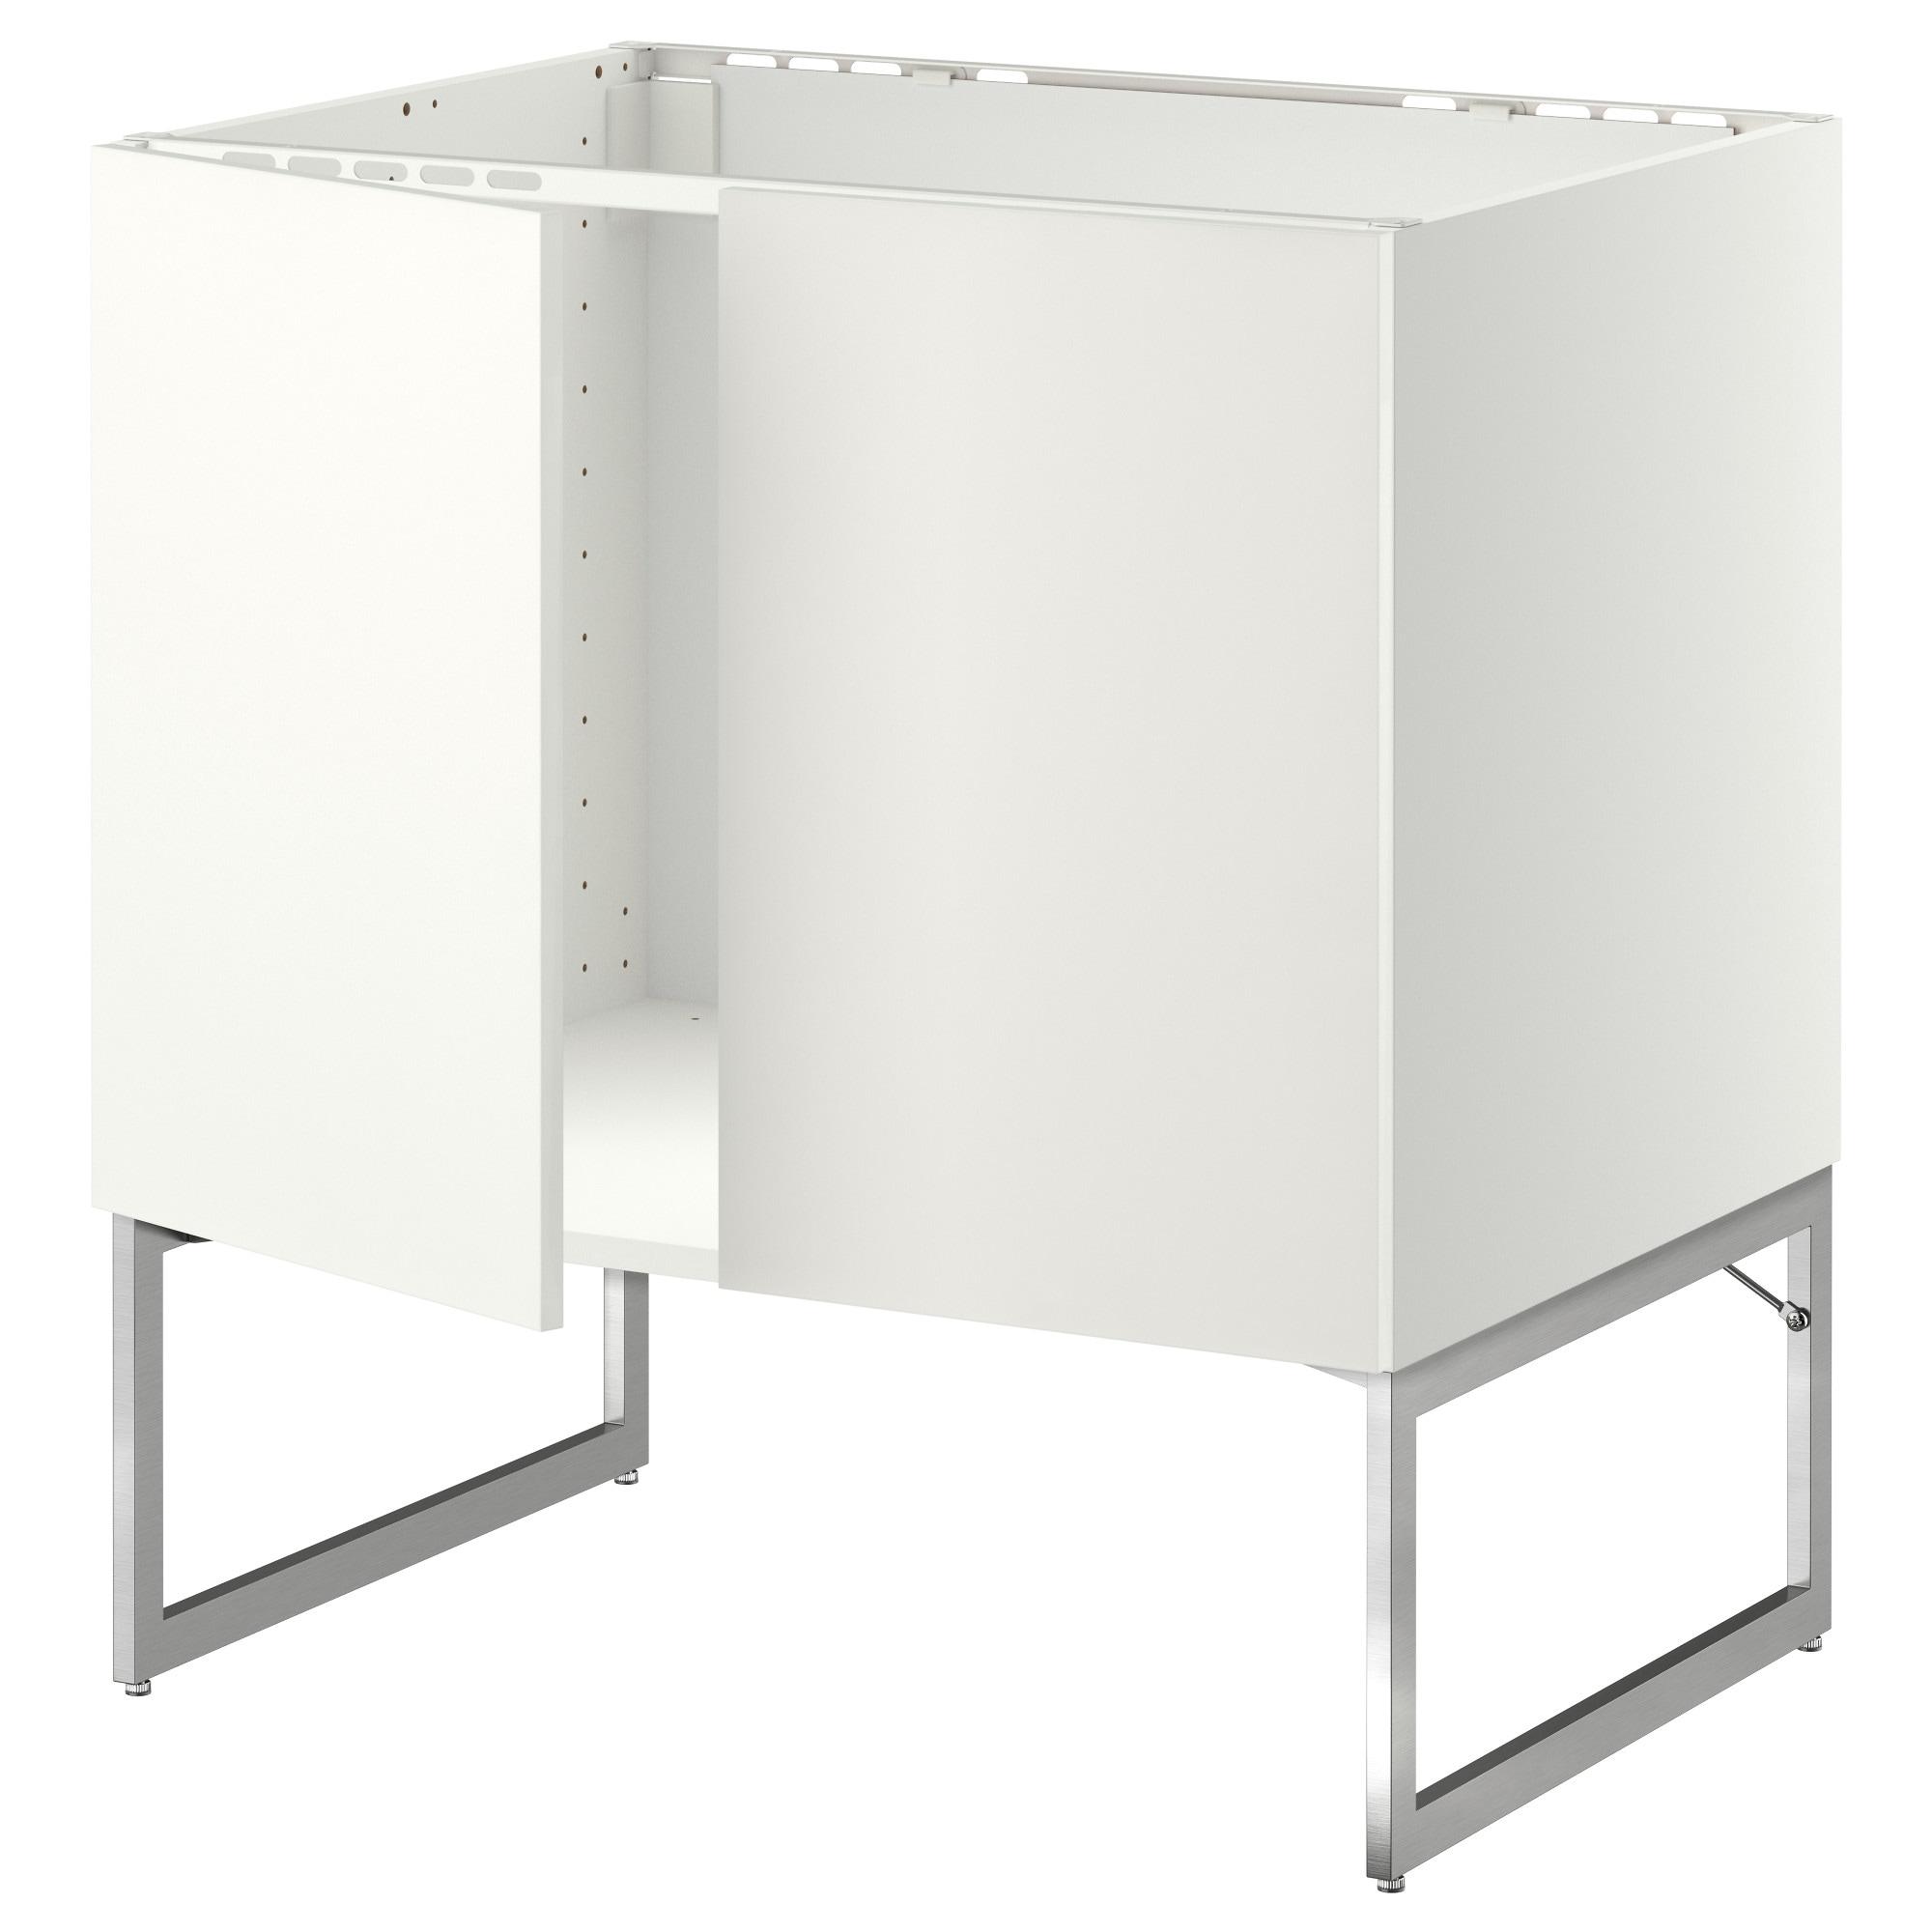 Full Size of Ikea Kche Unterschrank Tiefe Installation Eckunterschrank Küche Modulküche Miniküche Badezimmer Kosten Betten Bei Sofa Mit Schlaffunktion Bad Holz Kaufen Wohnzimmer Ikea Unterschrank